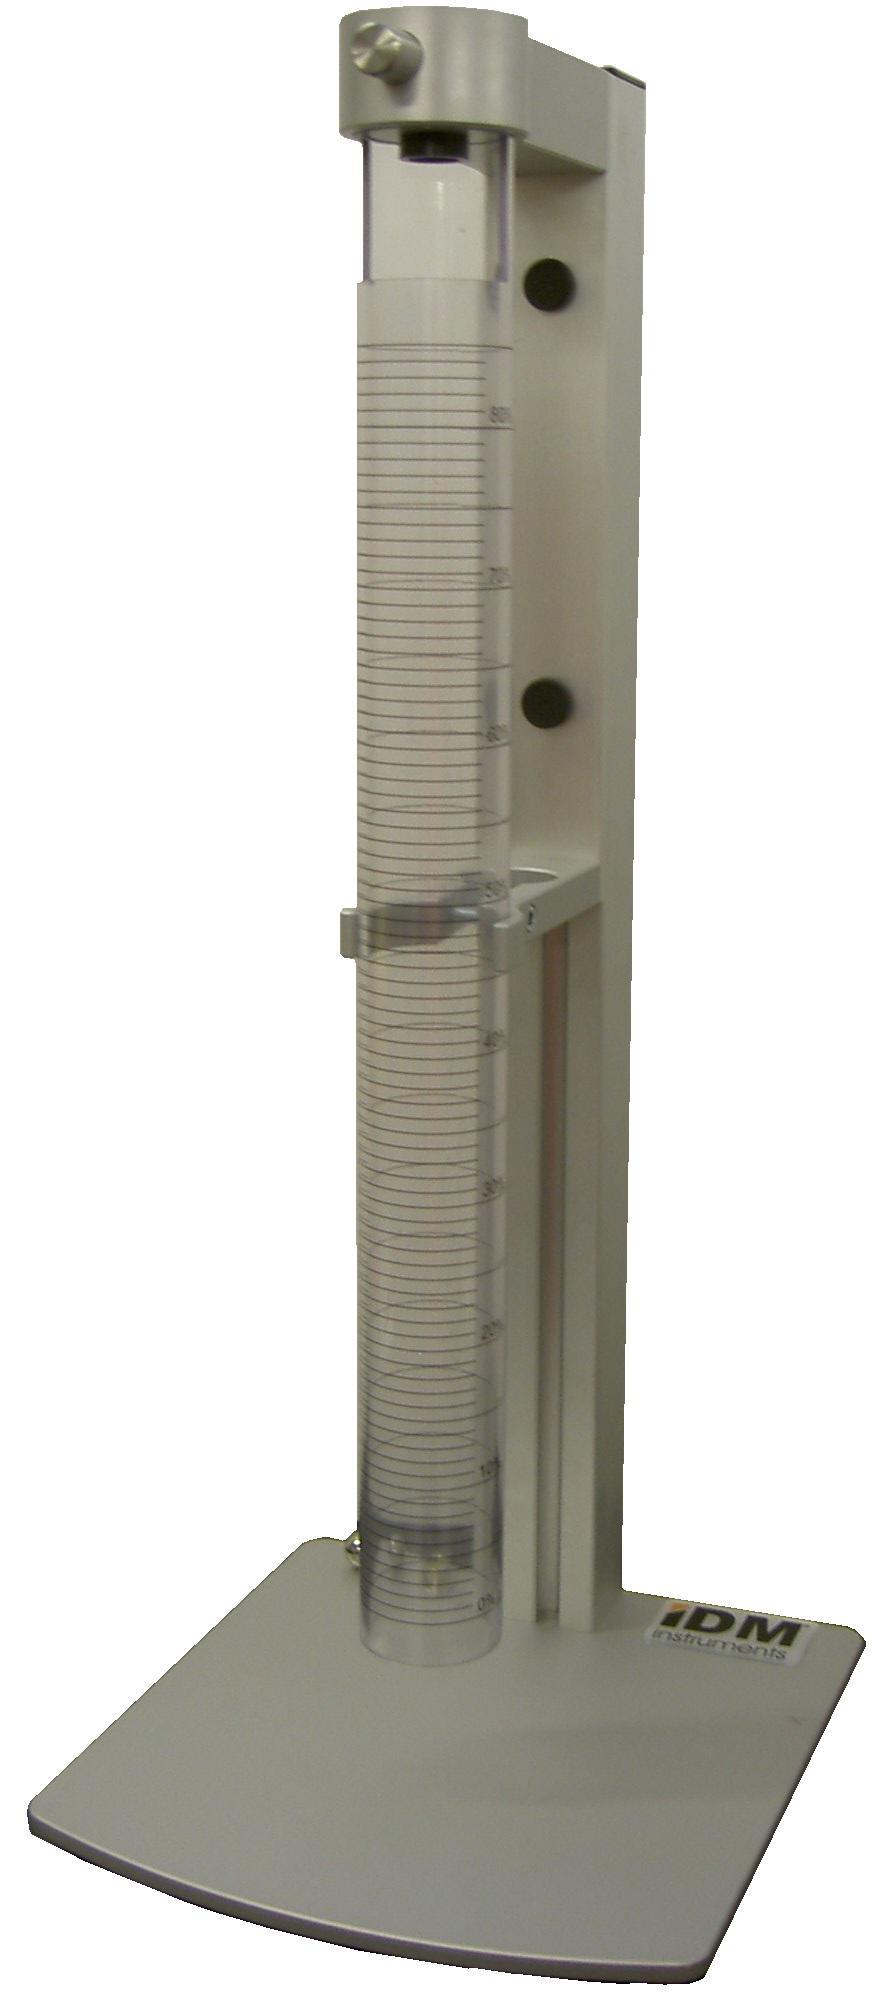 F0030 - Schiuma Resilienza Tester